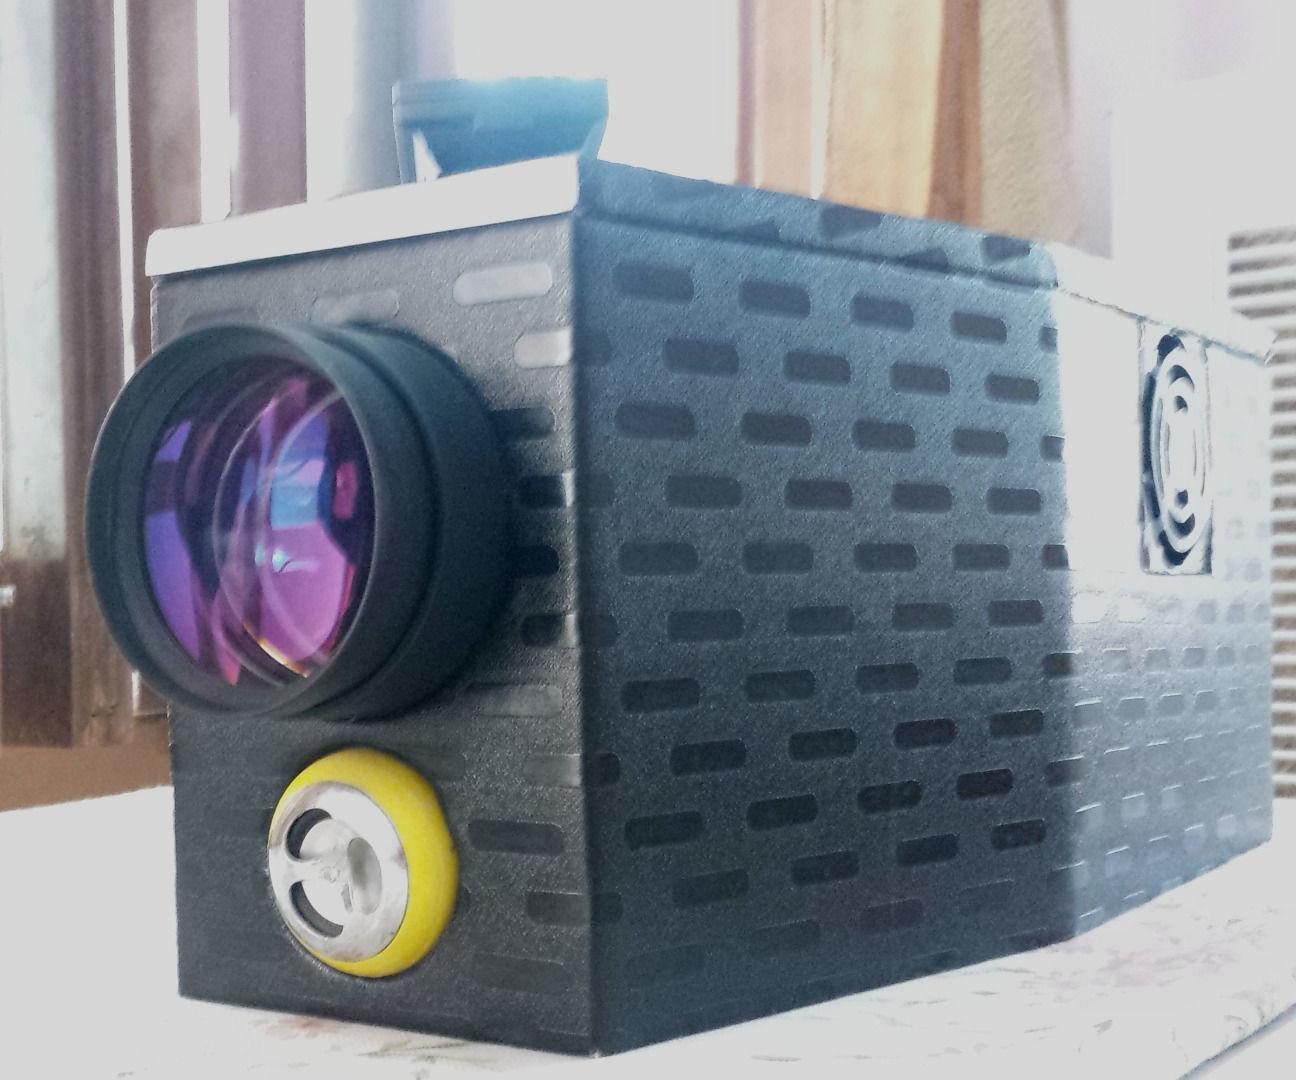 DIY LED Projector V 2.0